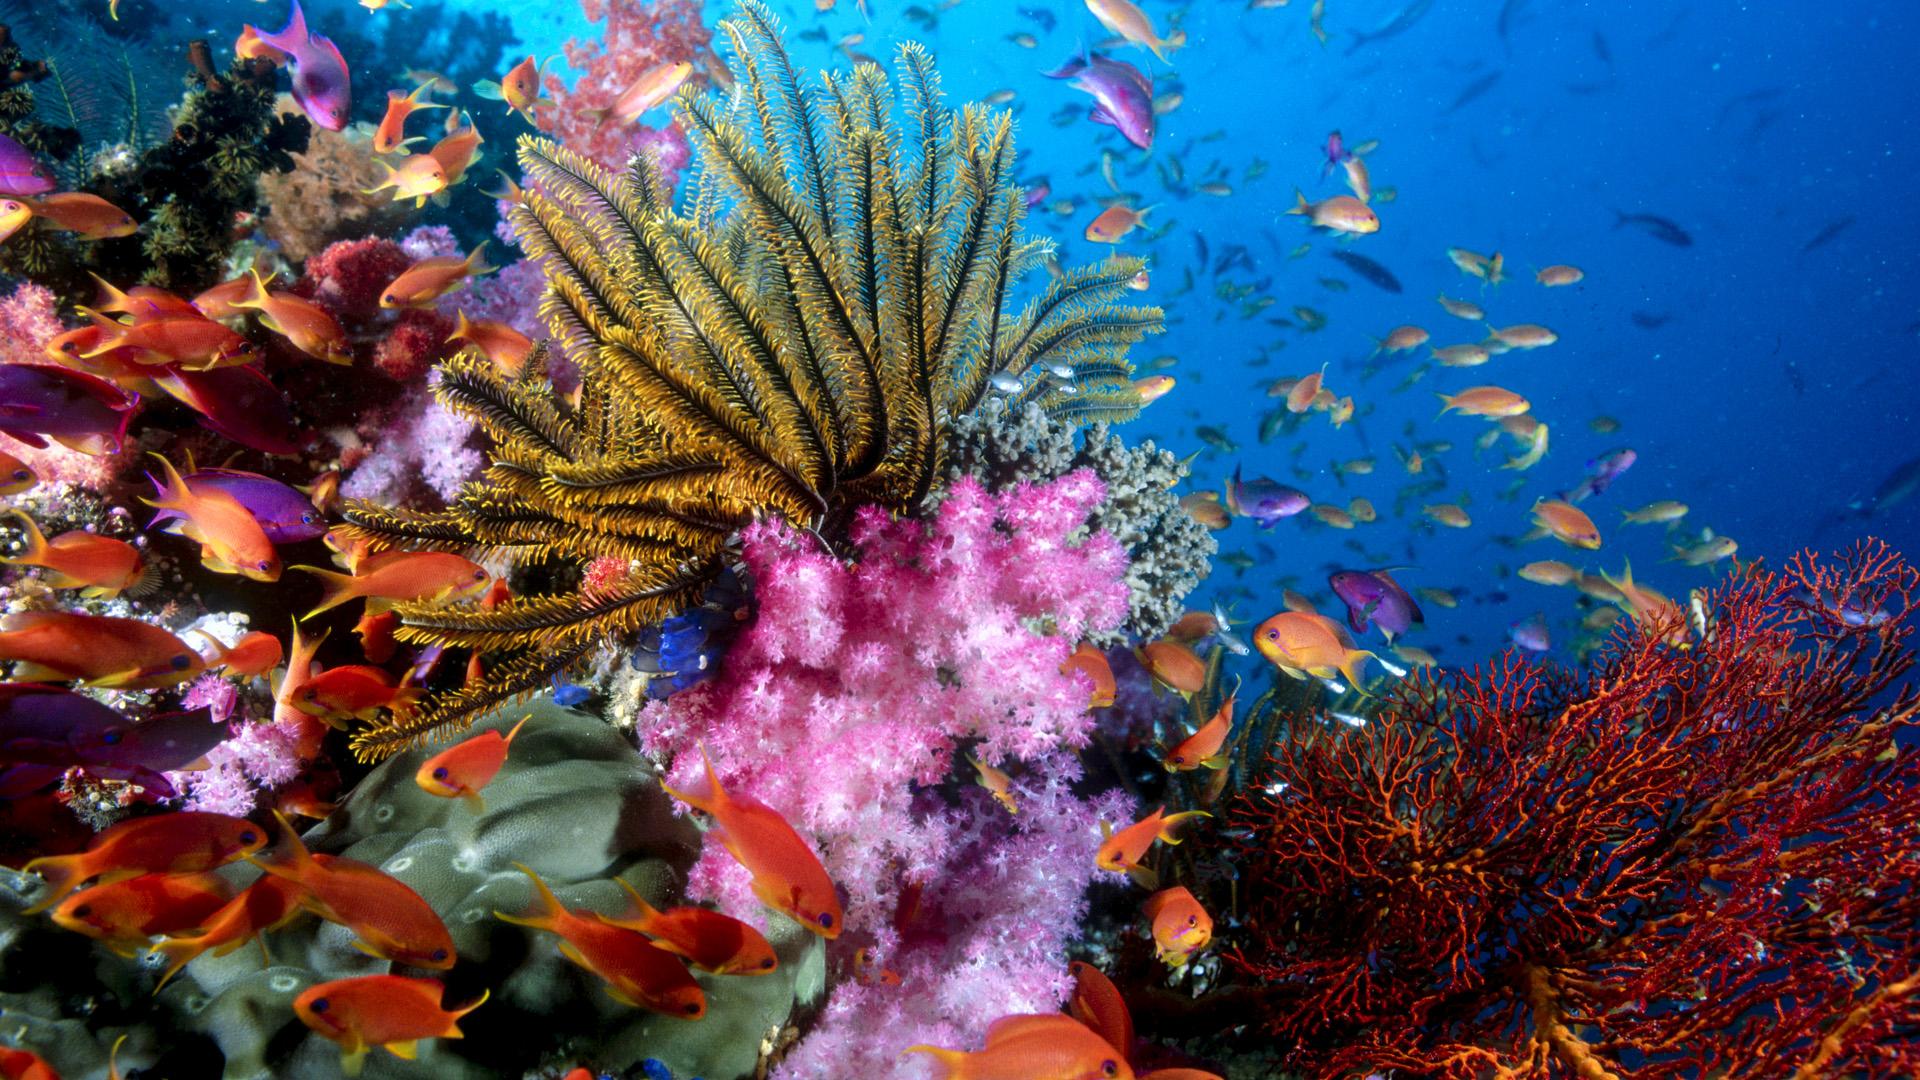 Sea Life Computer Wallpapers Desktop Backgrounds 1920x1080